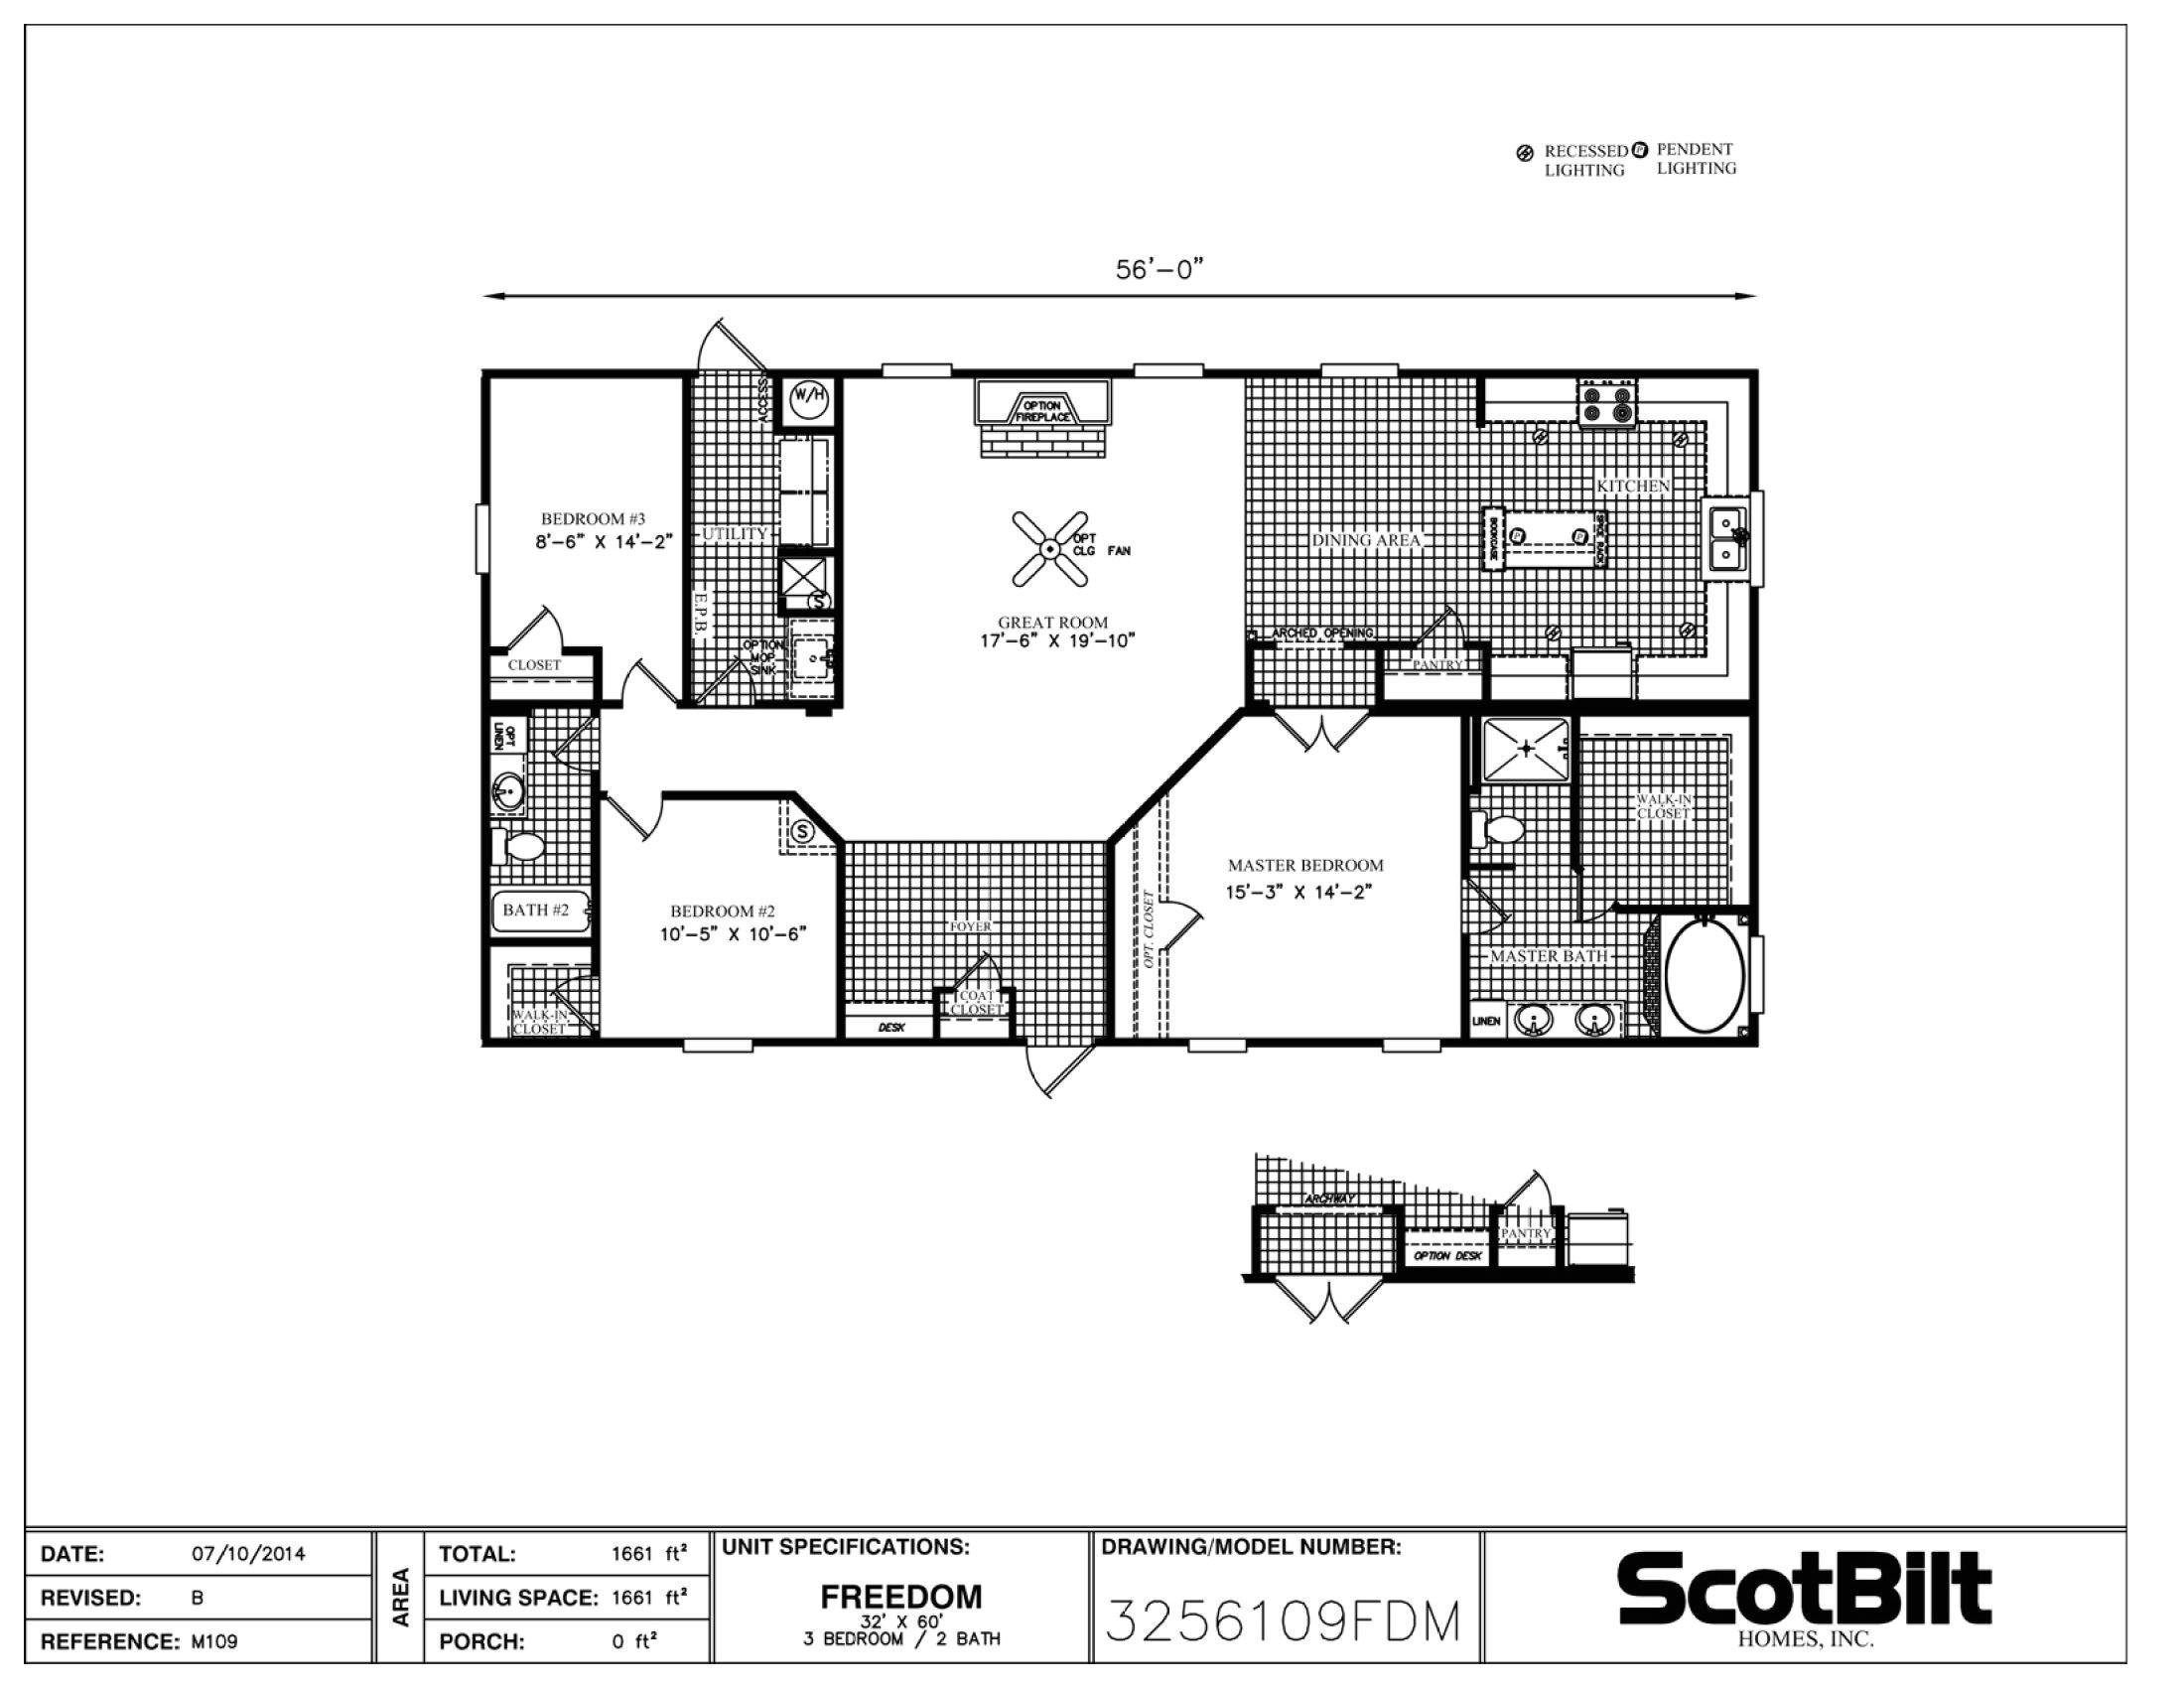 scotbilt homes floor plans